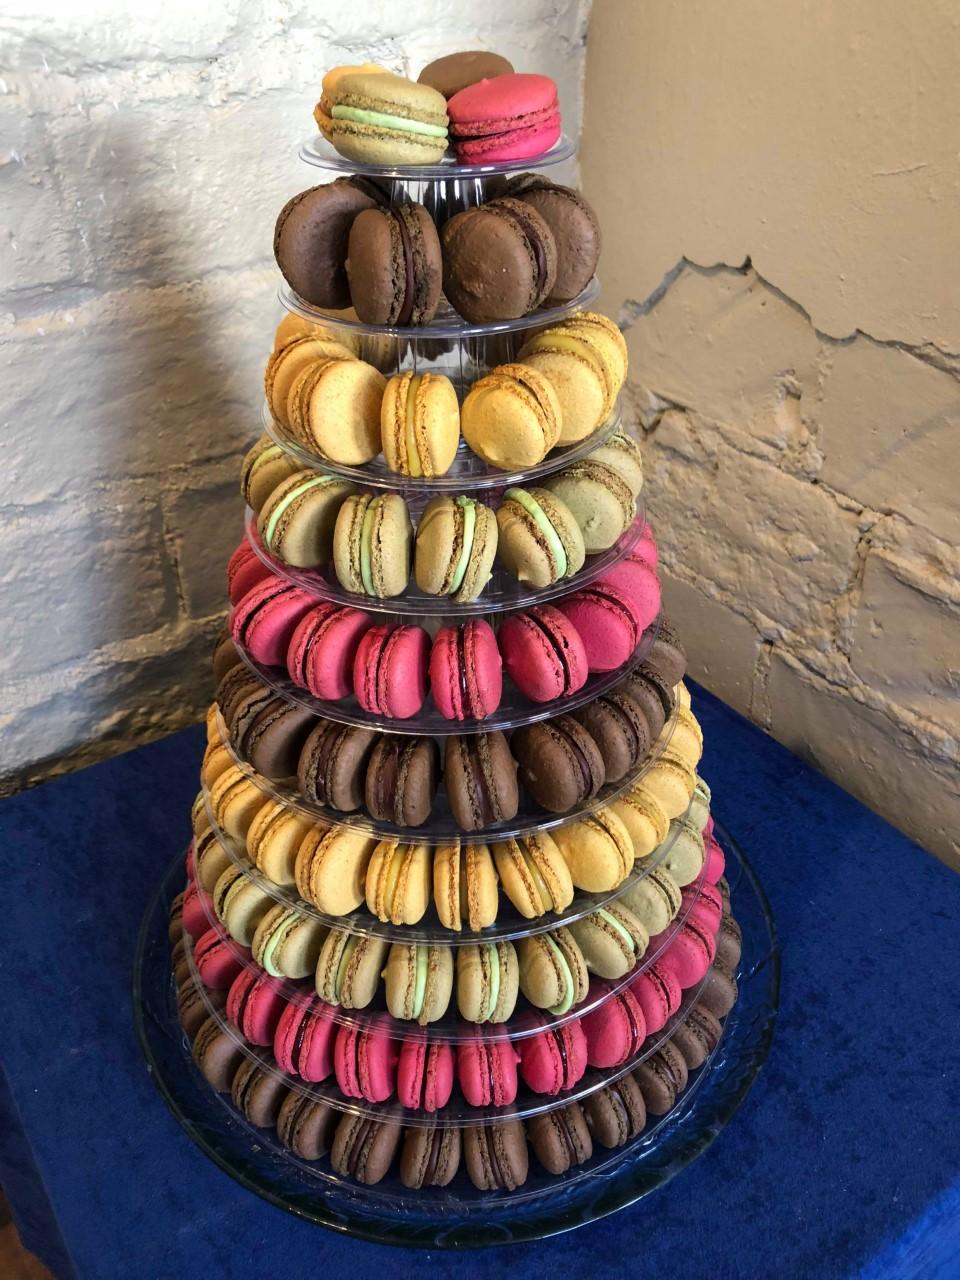 Pâtisseries françaises pour vos fêtes de fin d'année !